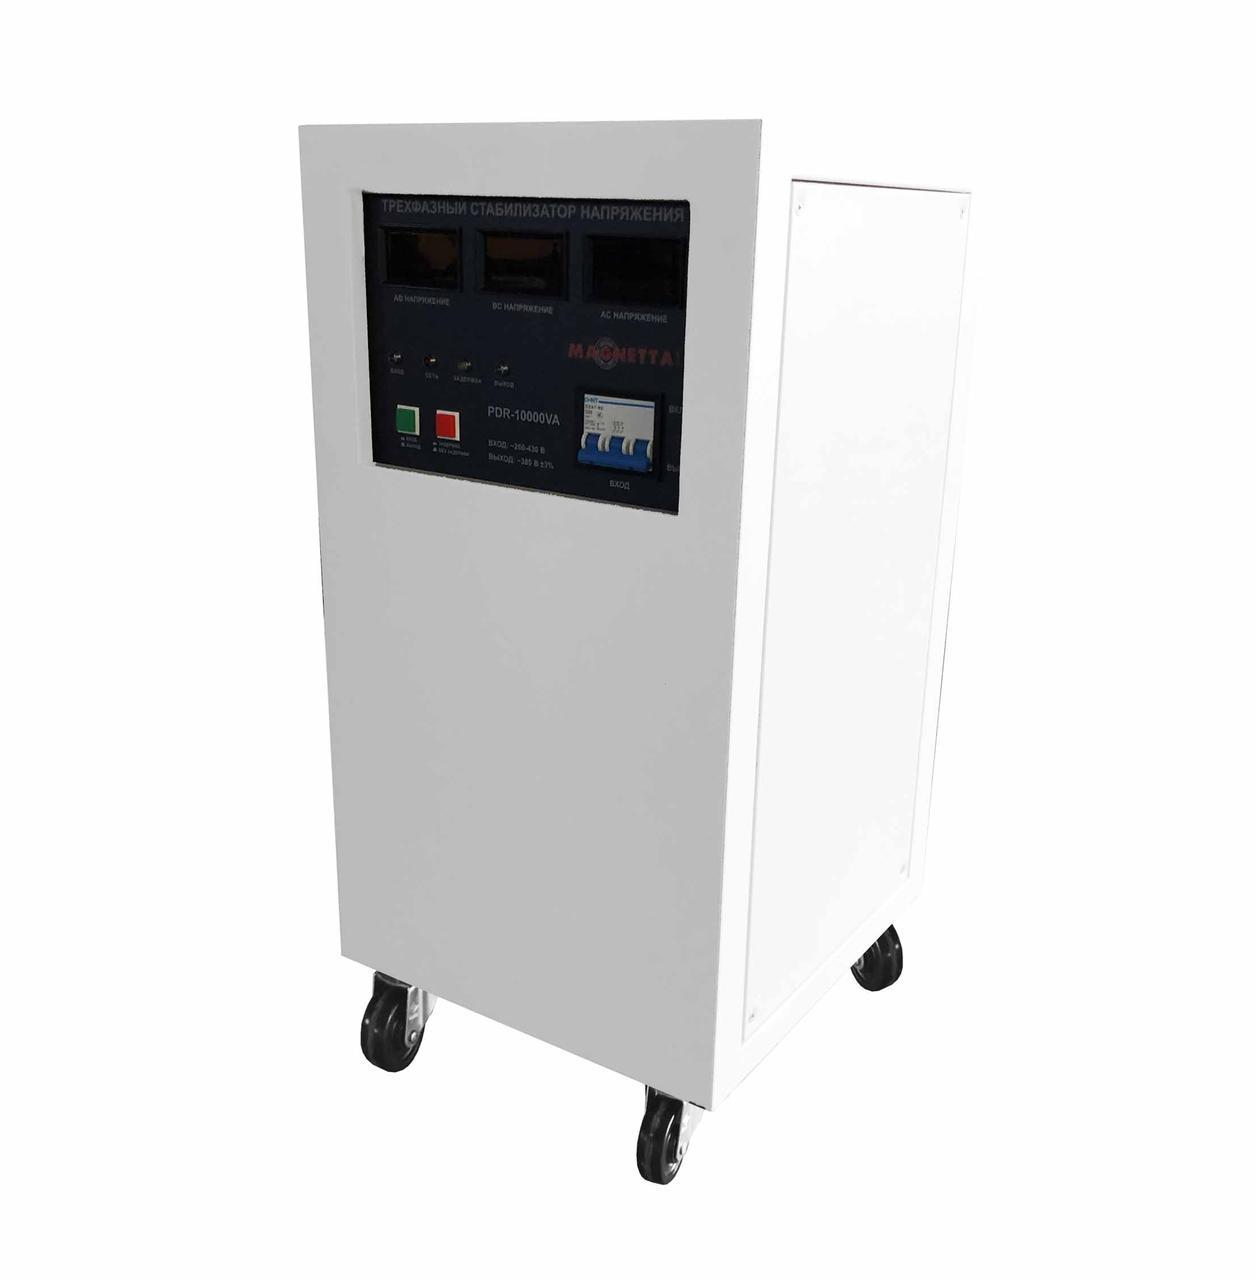 Стабилизатор напряжения Magnetta PDR-15000VA